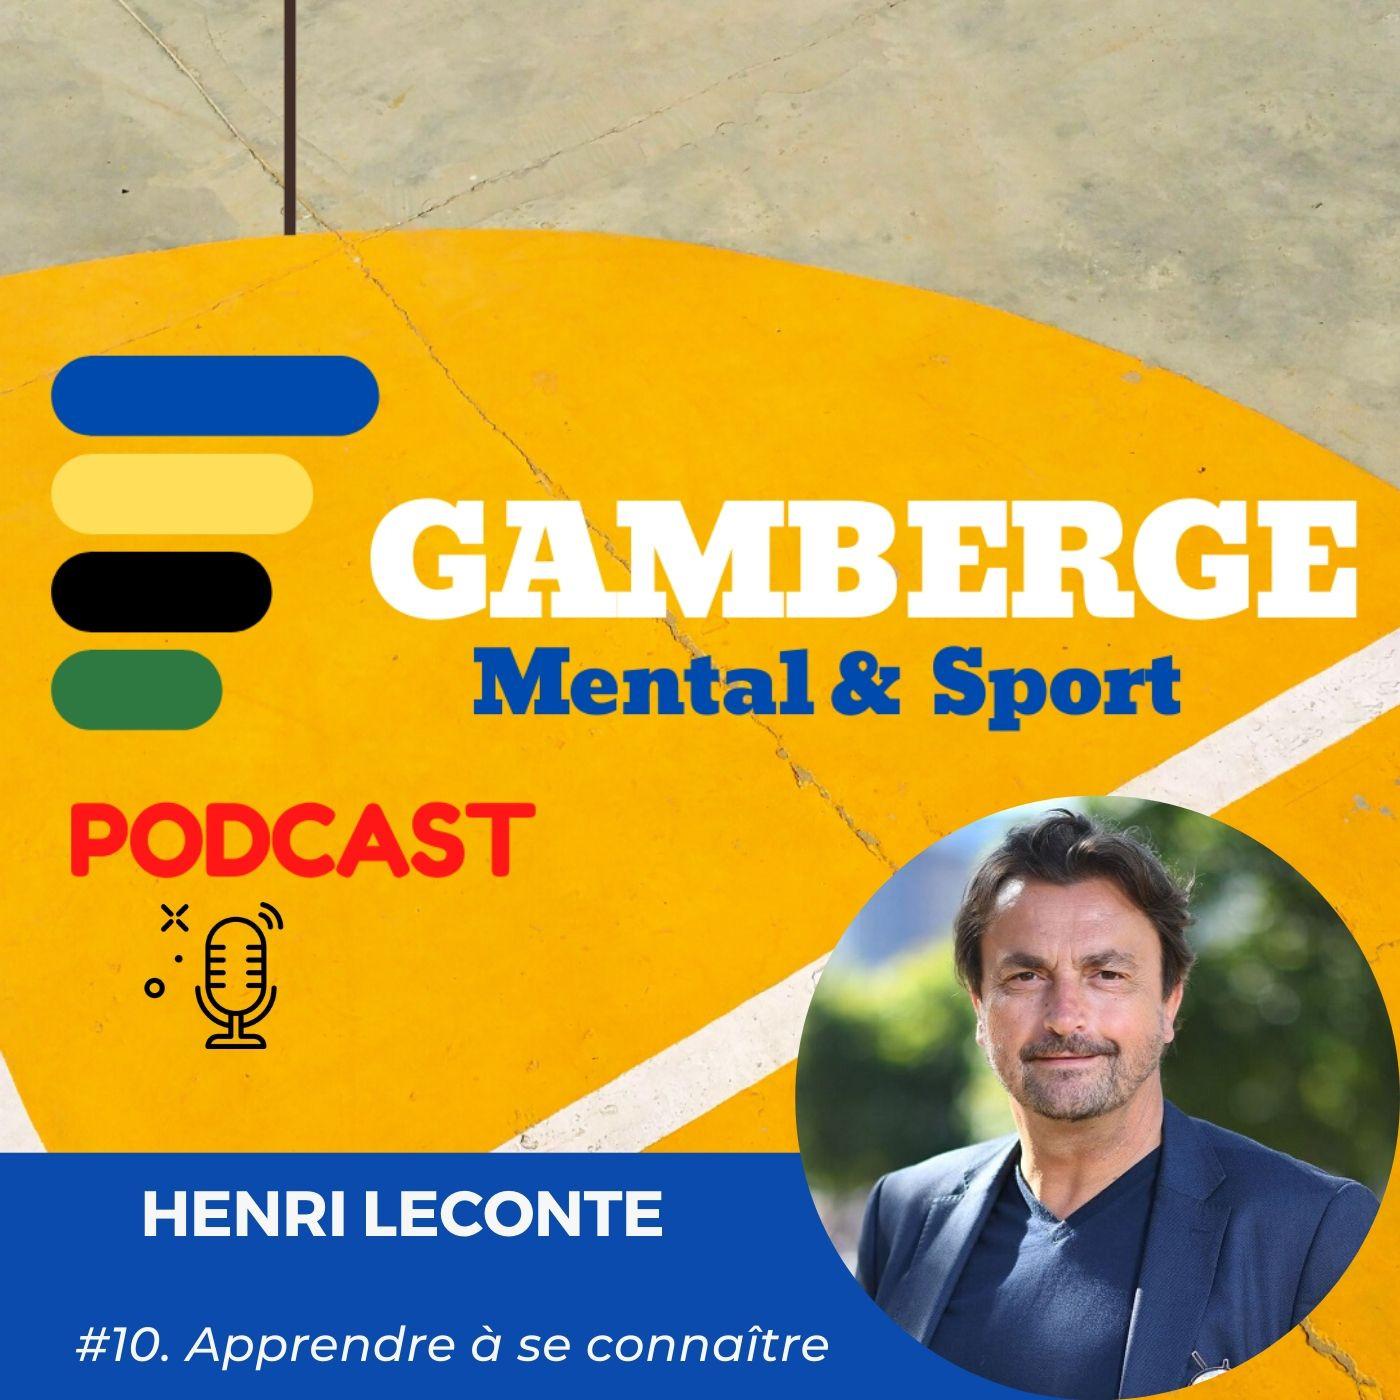 #10. Henri Leconte: Apprendre à se connaître